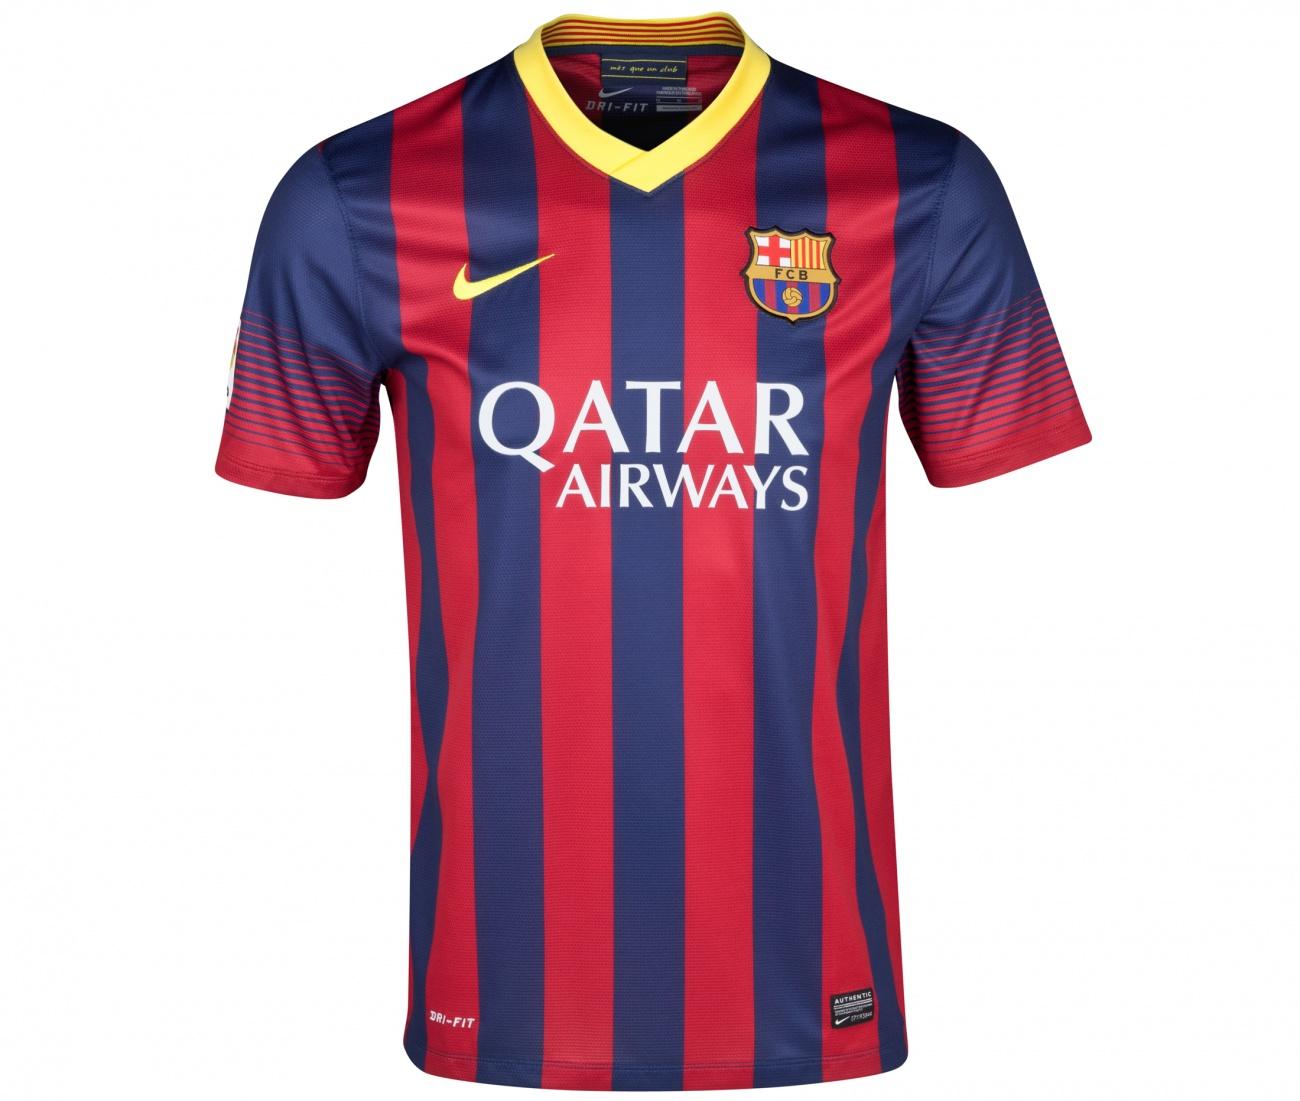 la liga nouveau maillot foot barcelone domicile manche courte 2013 2014 10 messi homme pas chere. Black Bedroom Furniture Sets. Home Design Ideas